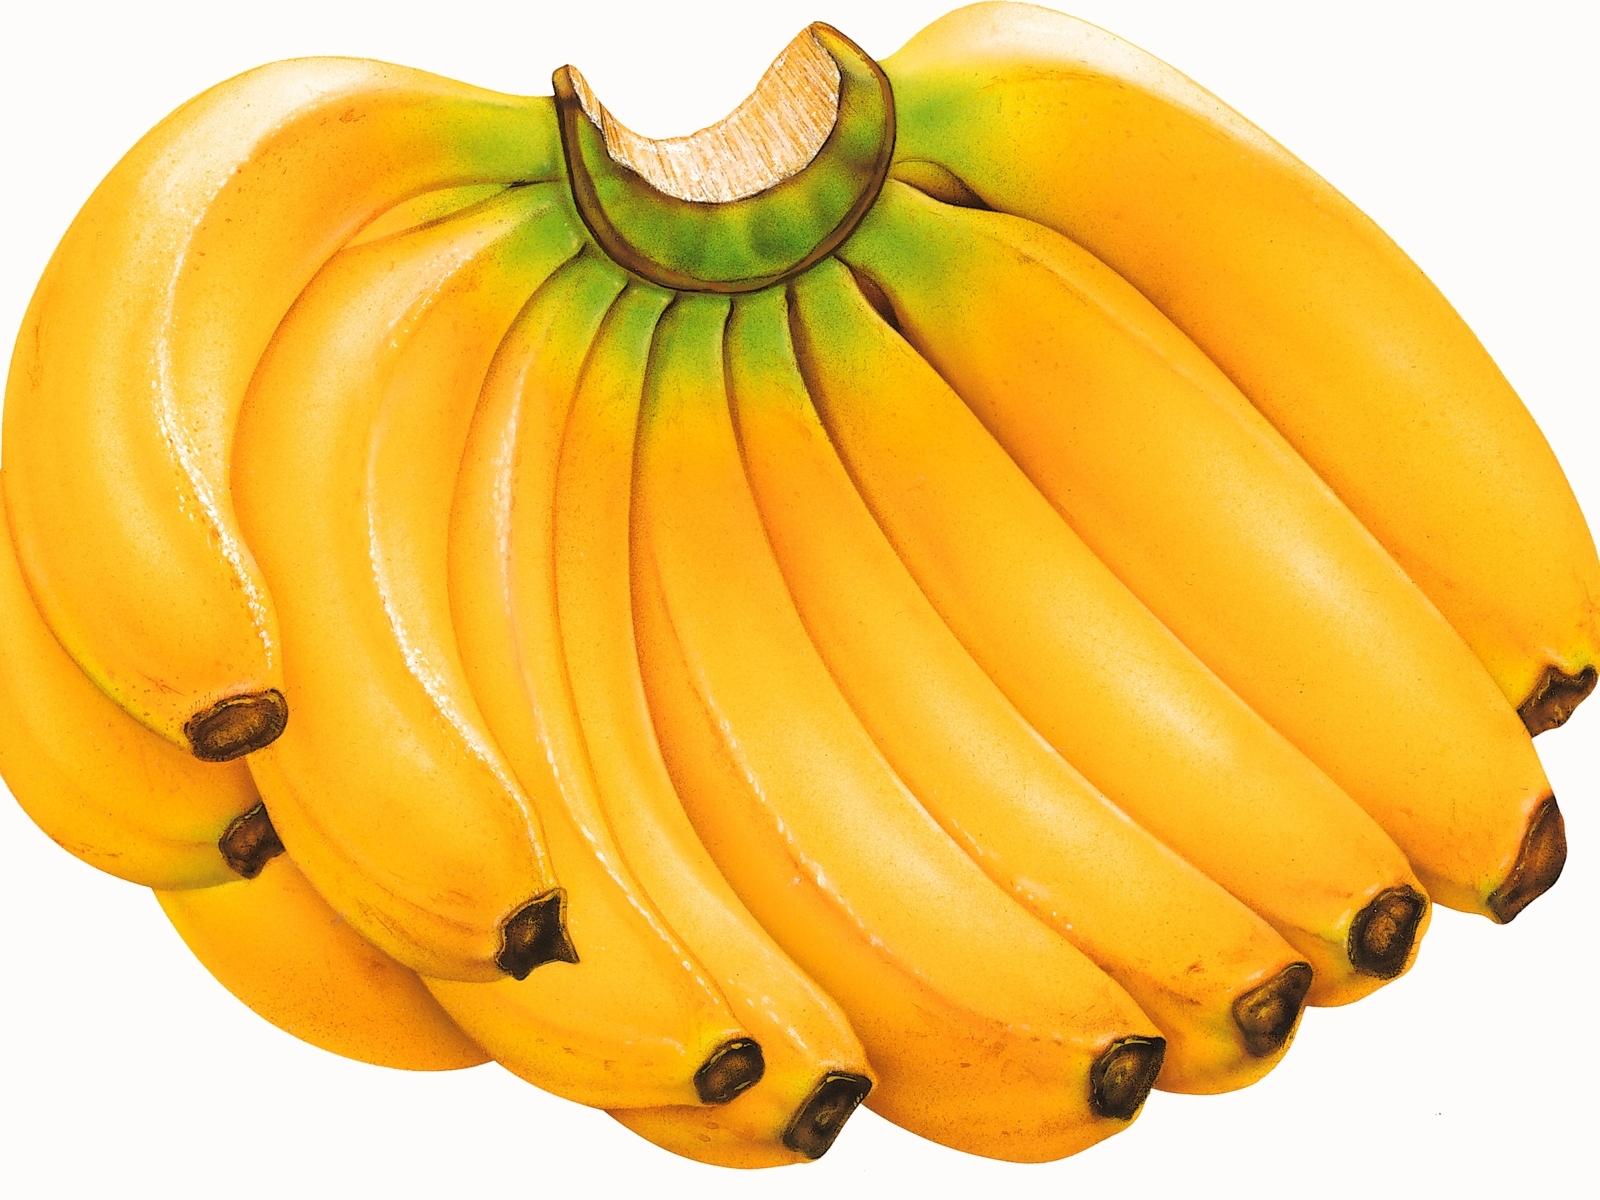 デスクトップ壁紙 バナナ クラスタ フルーツ 1600x1200